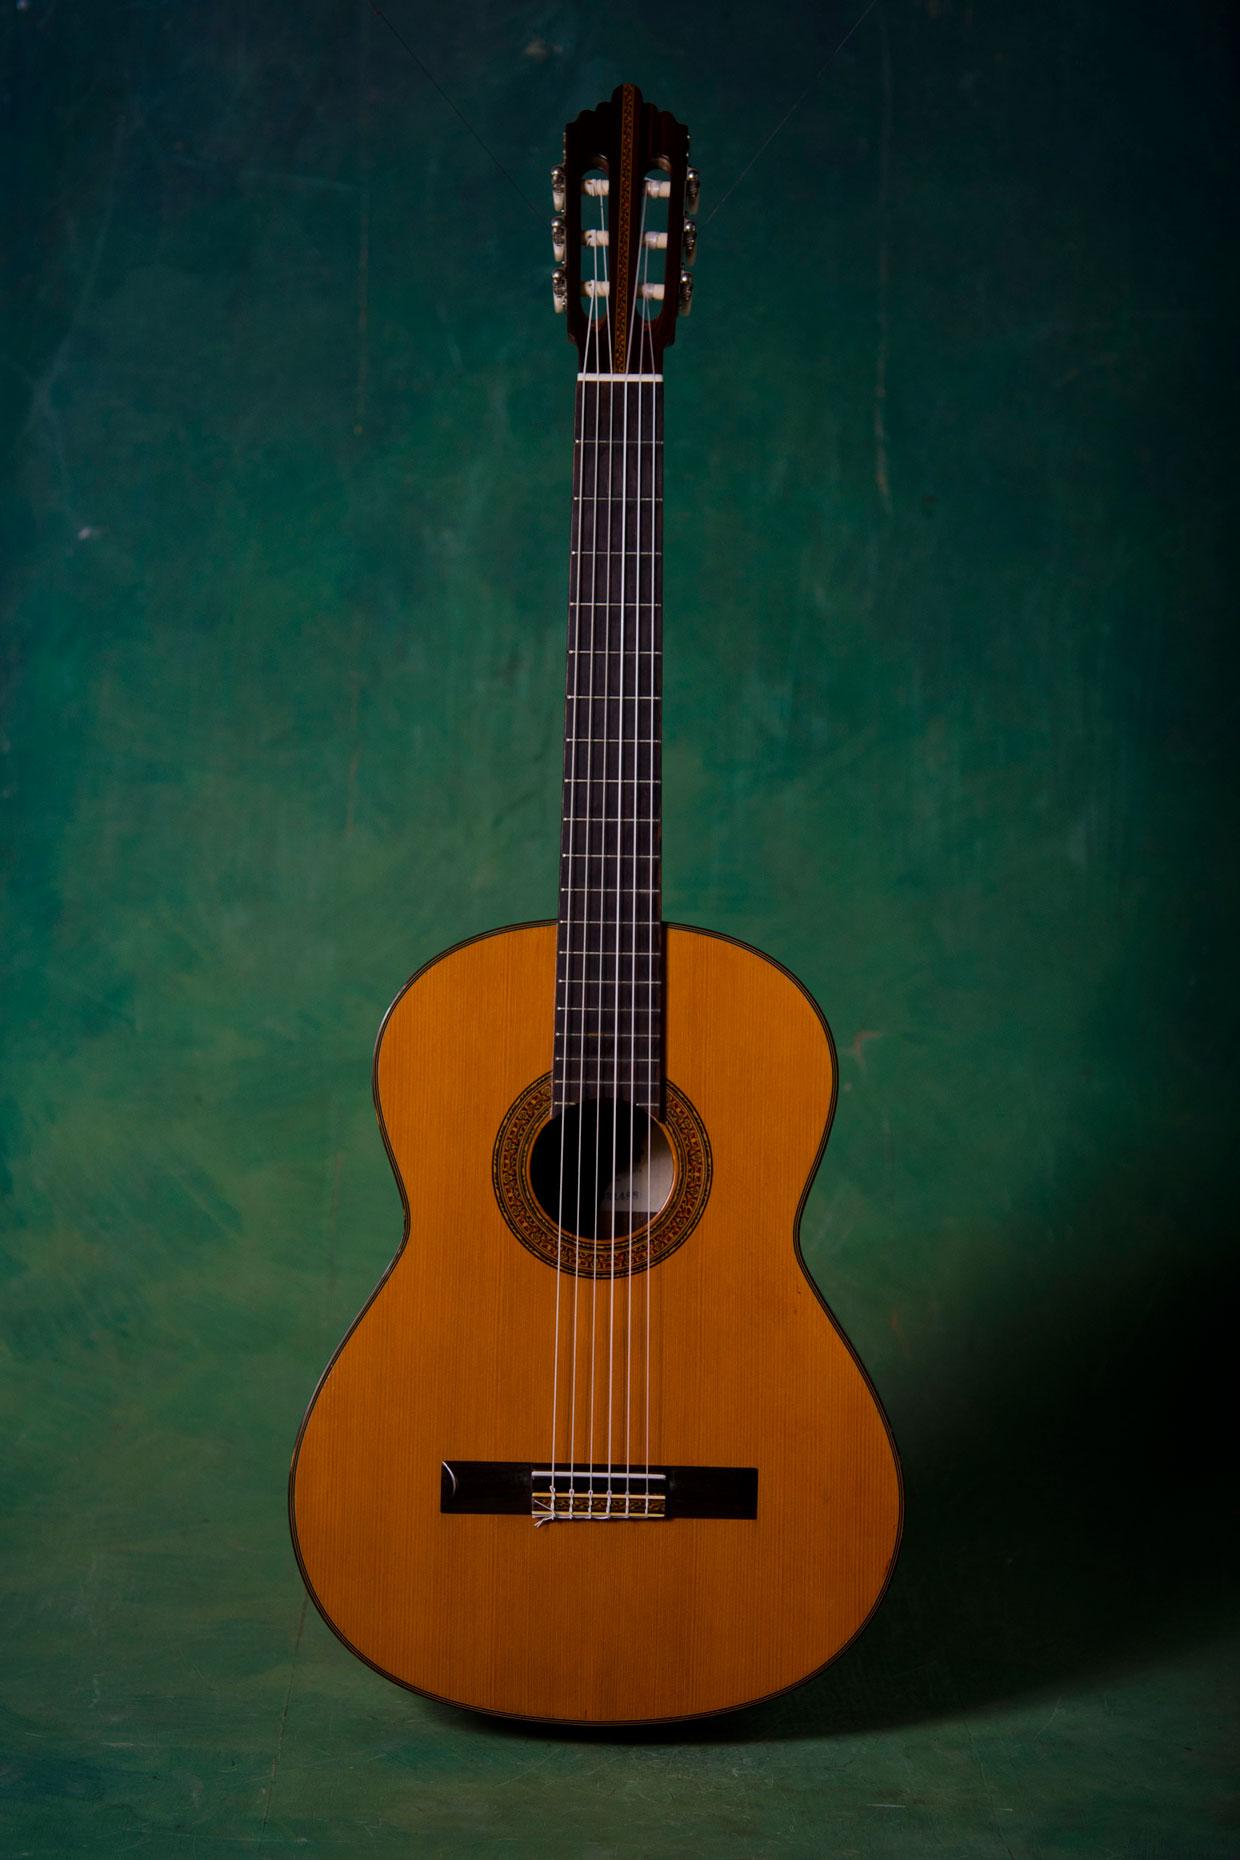 Shinano Guitar No.63 กีต้าร์โปร่งมือสอง